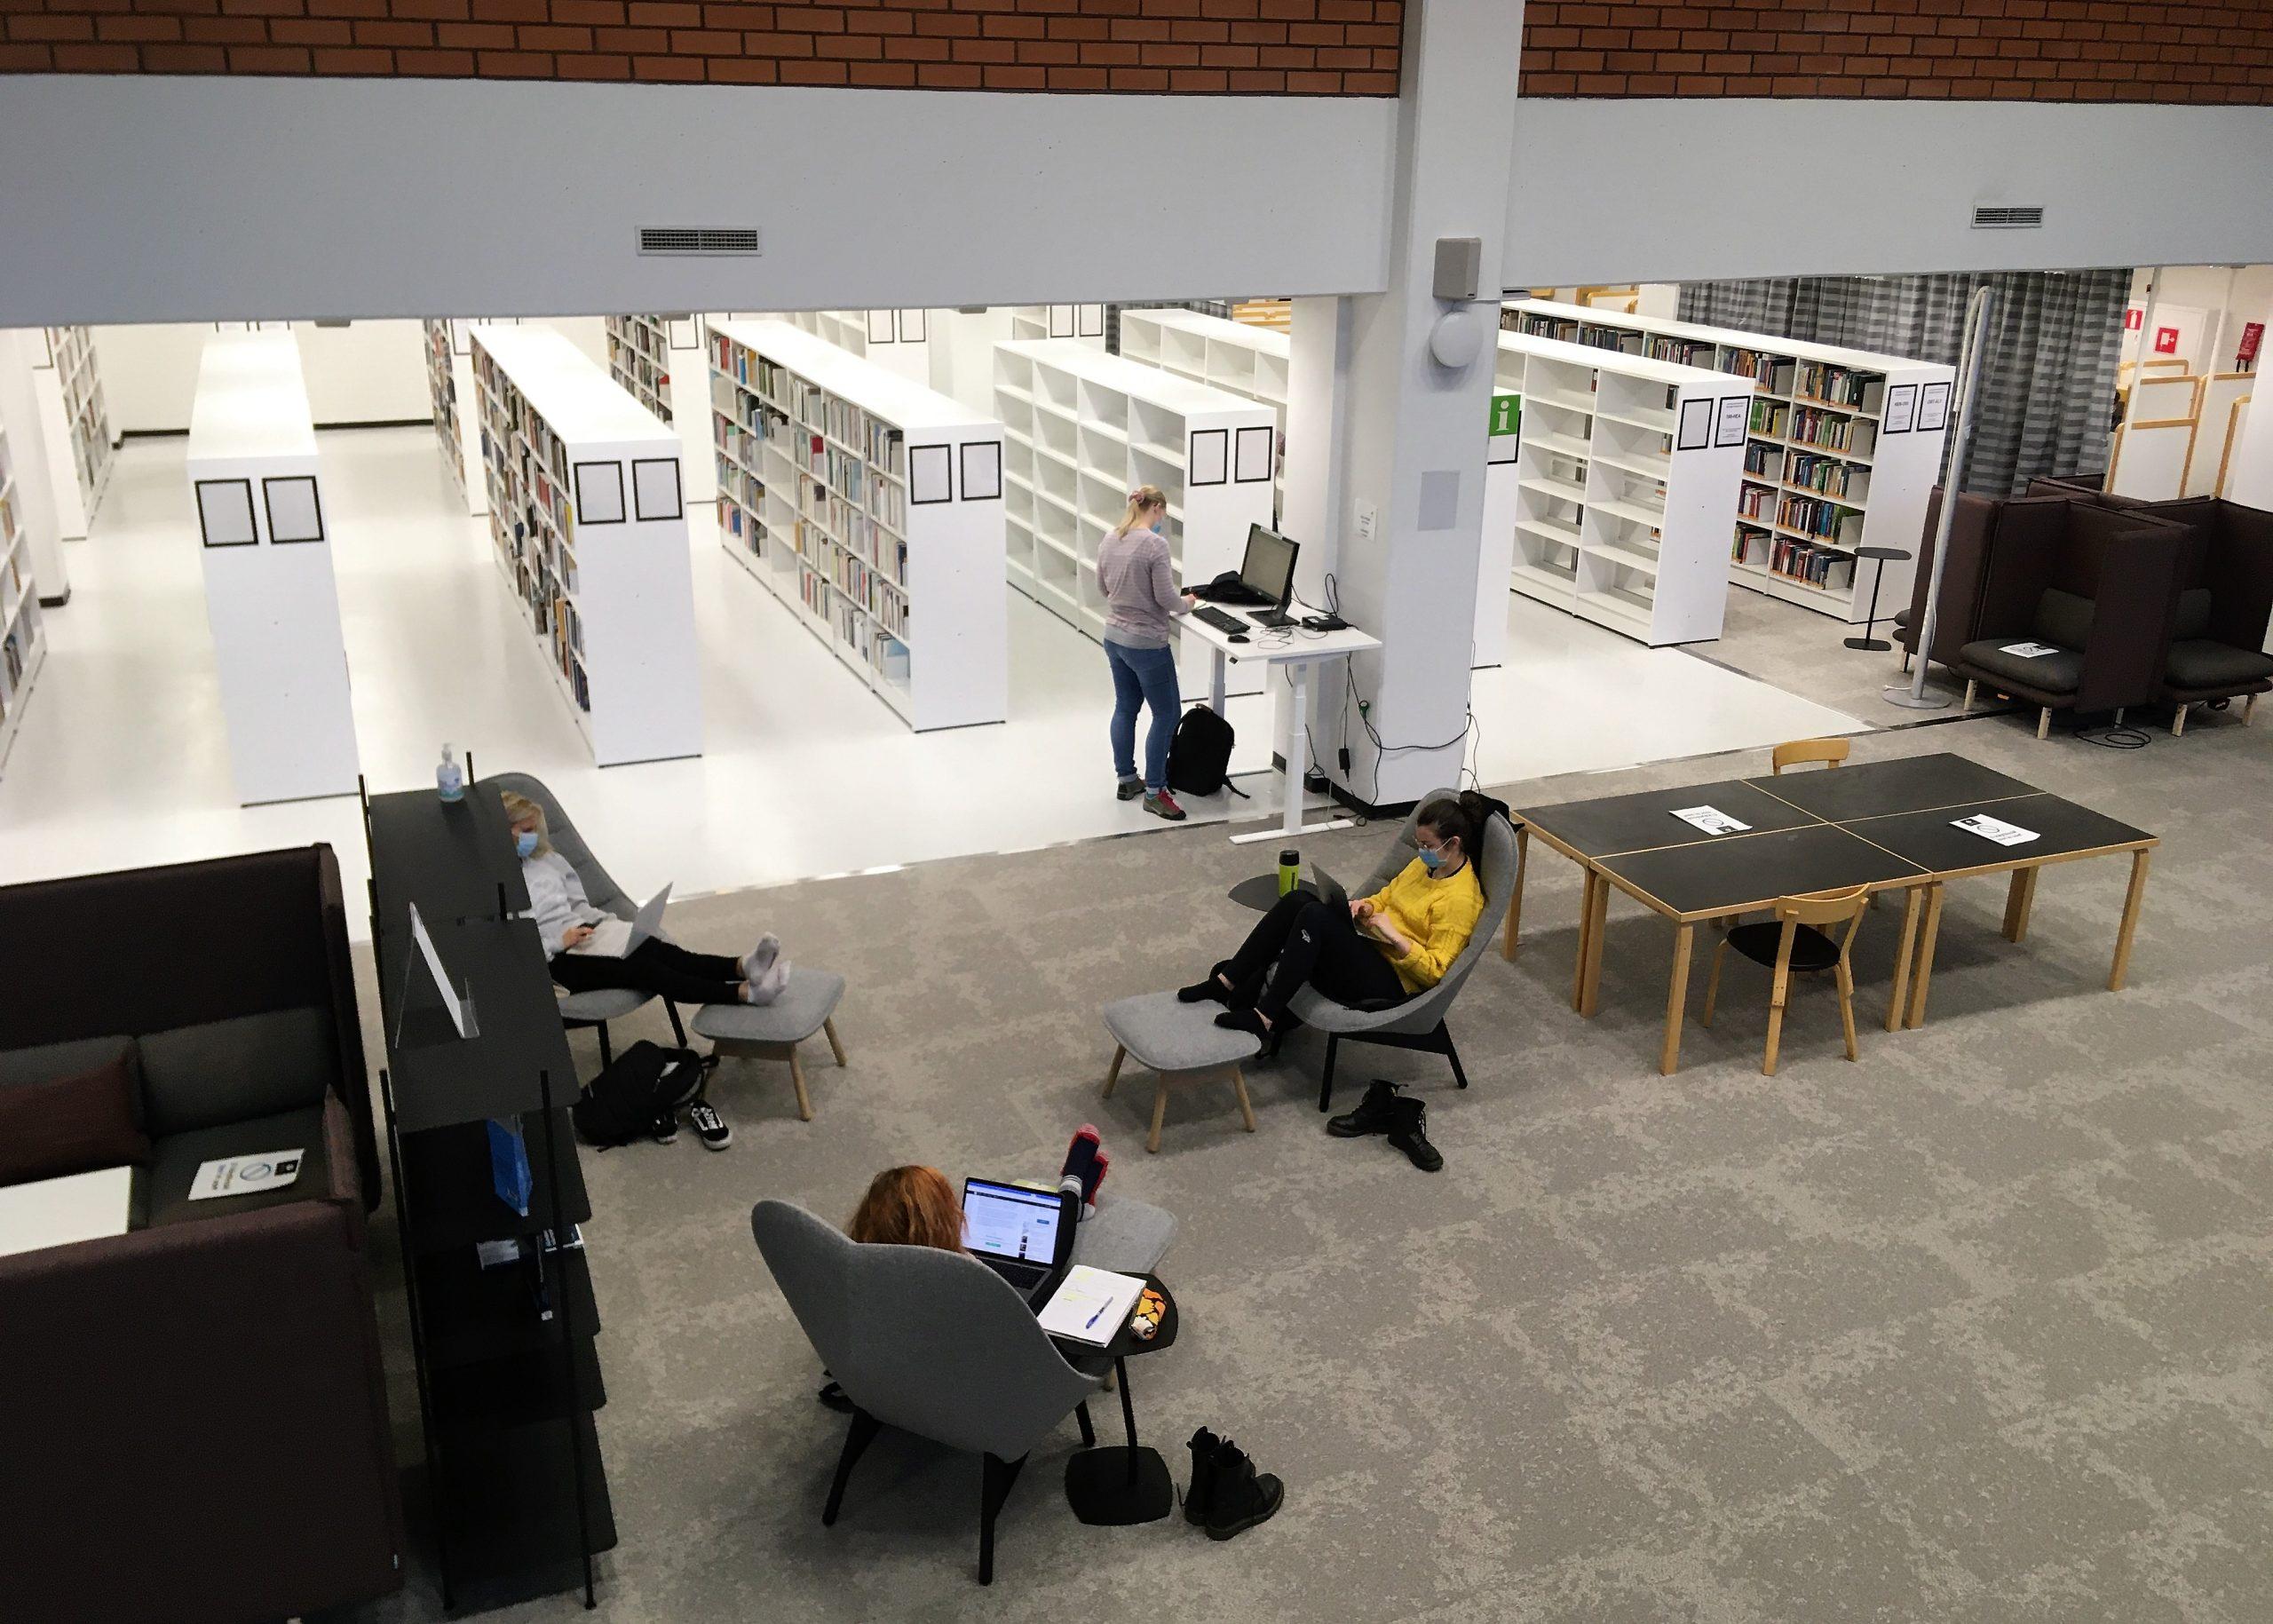 Ihmisiä lukemassa kirjastossa.